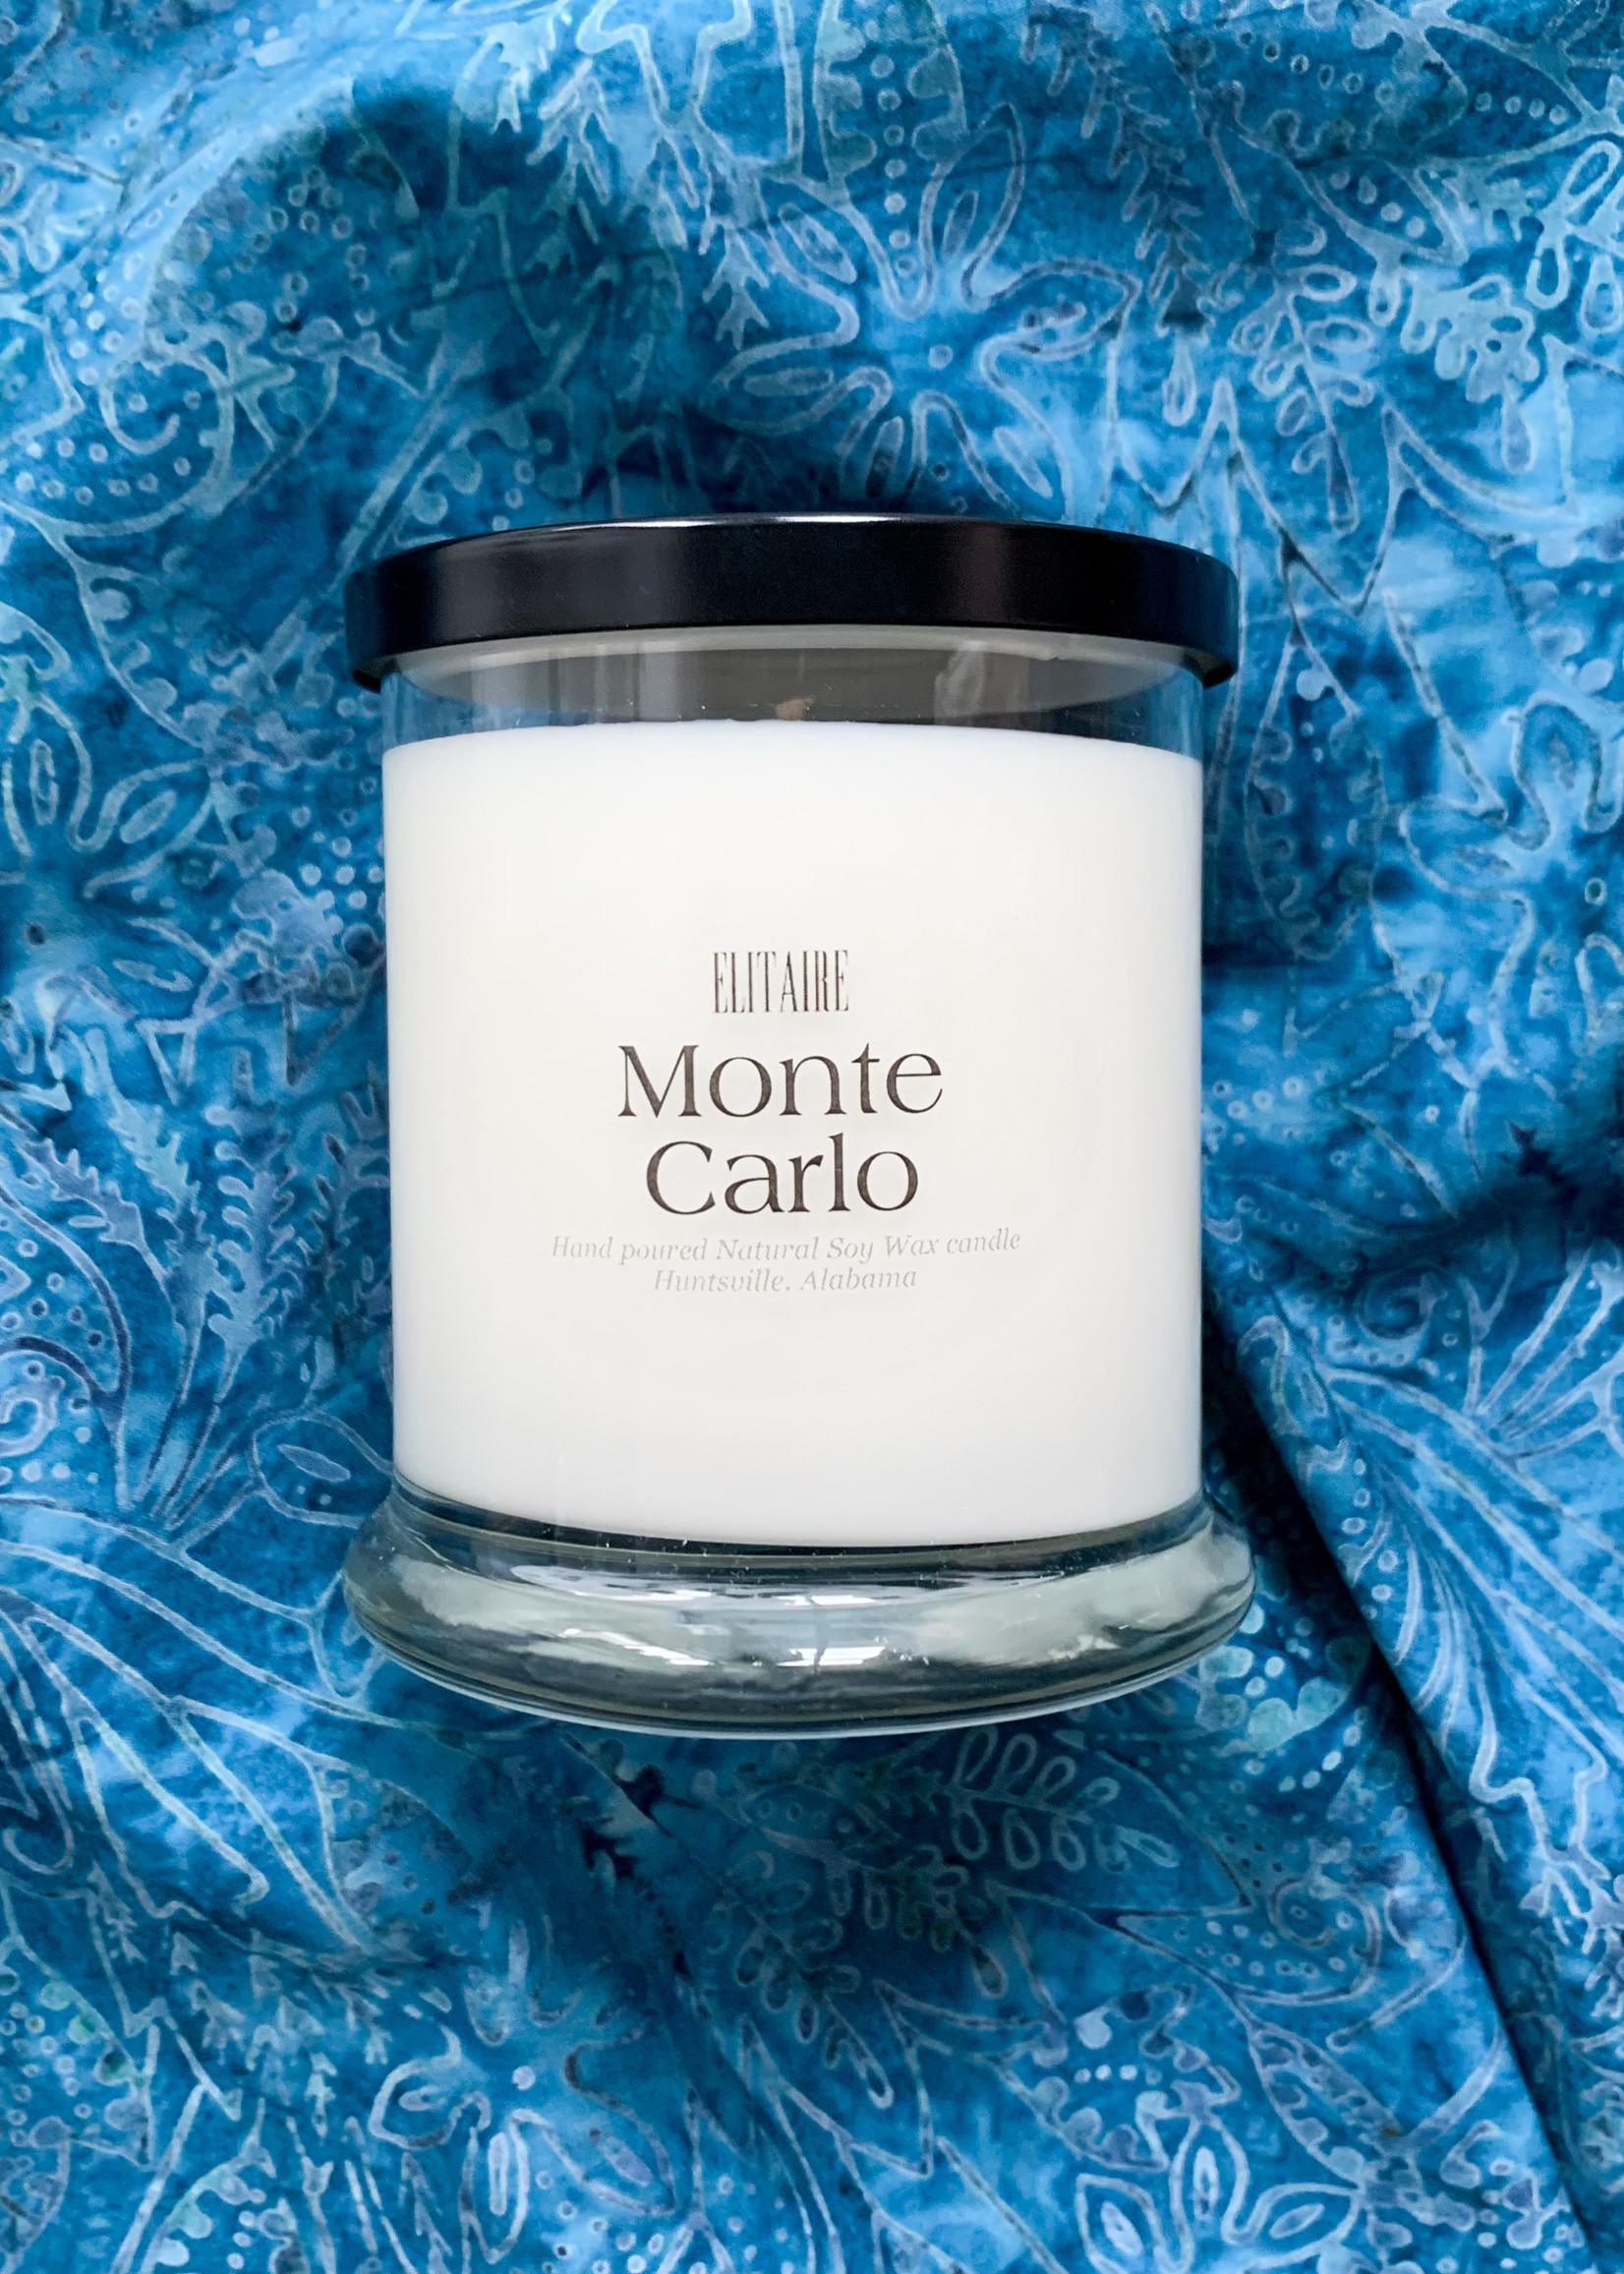 Elitaire Boutique Monte Carlo - Bon Voyage Candle Collection